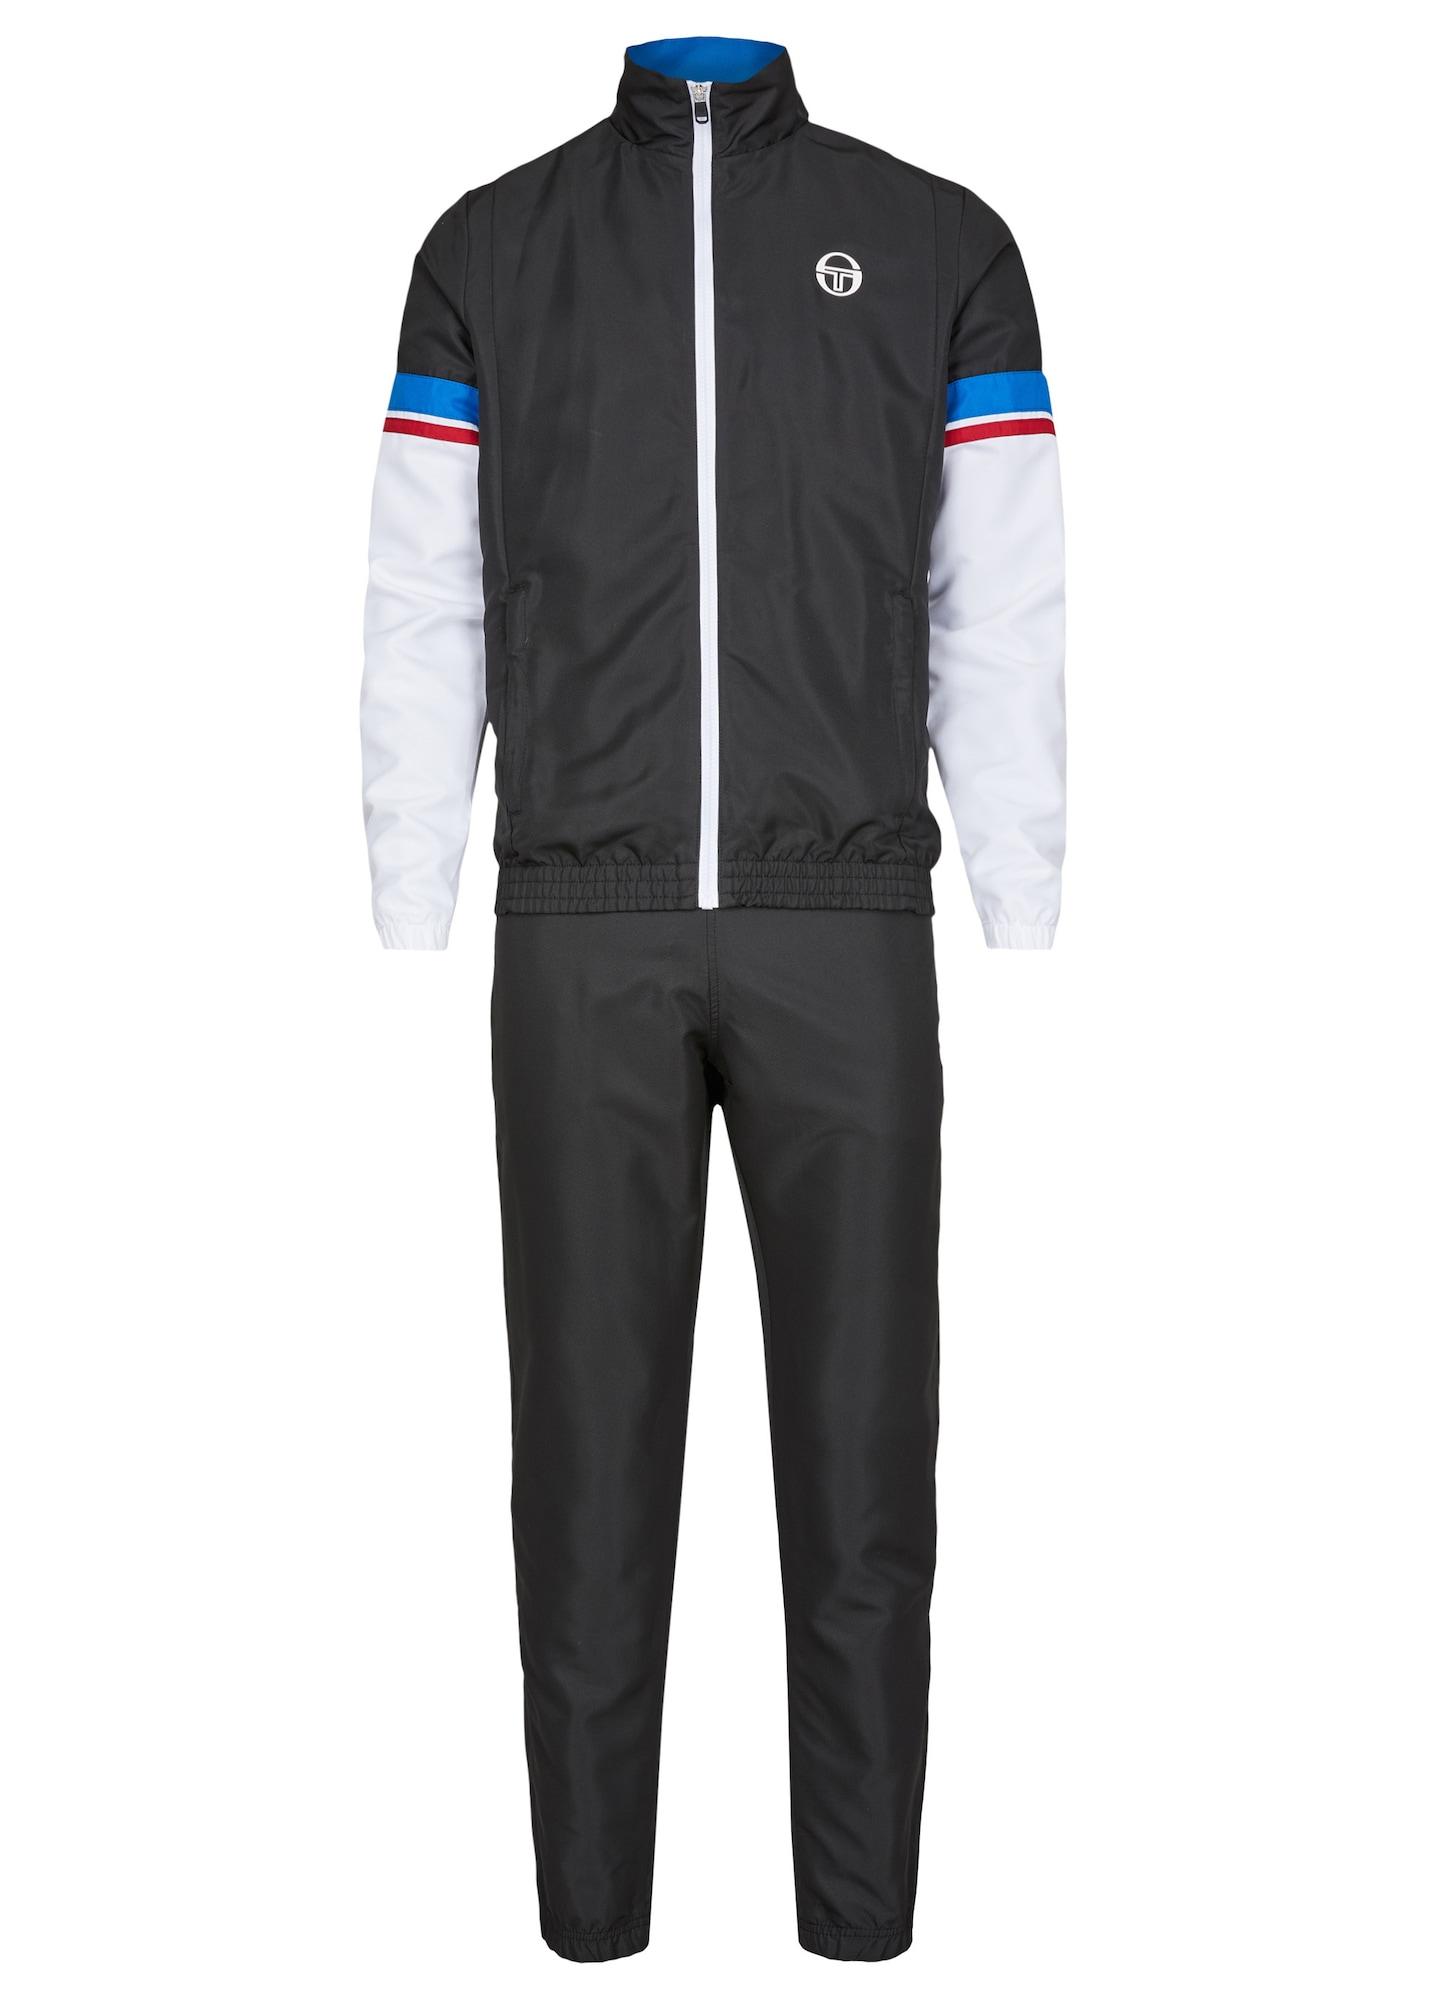 Trainingsanzug   Sportbekleidung > Sportanzüge > Trainingsanzüge   Sergio Tacchini